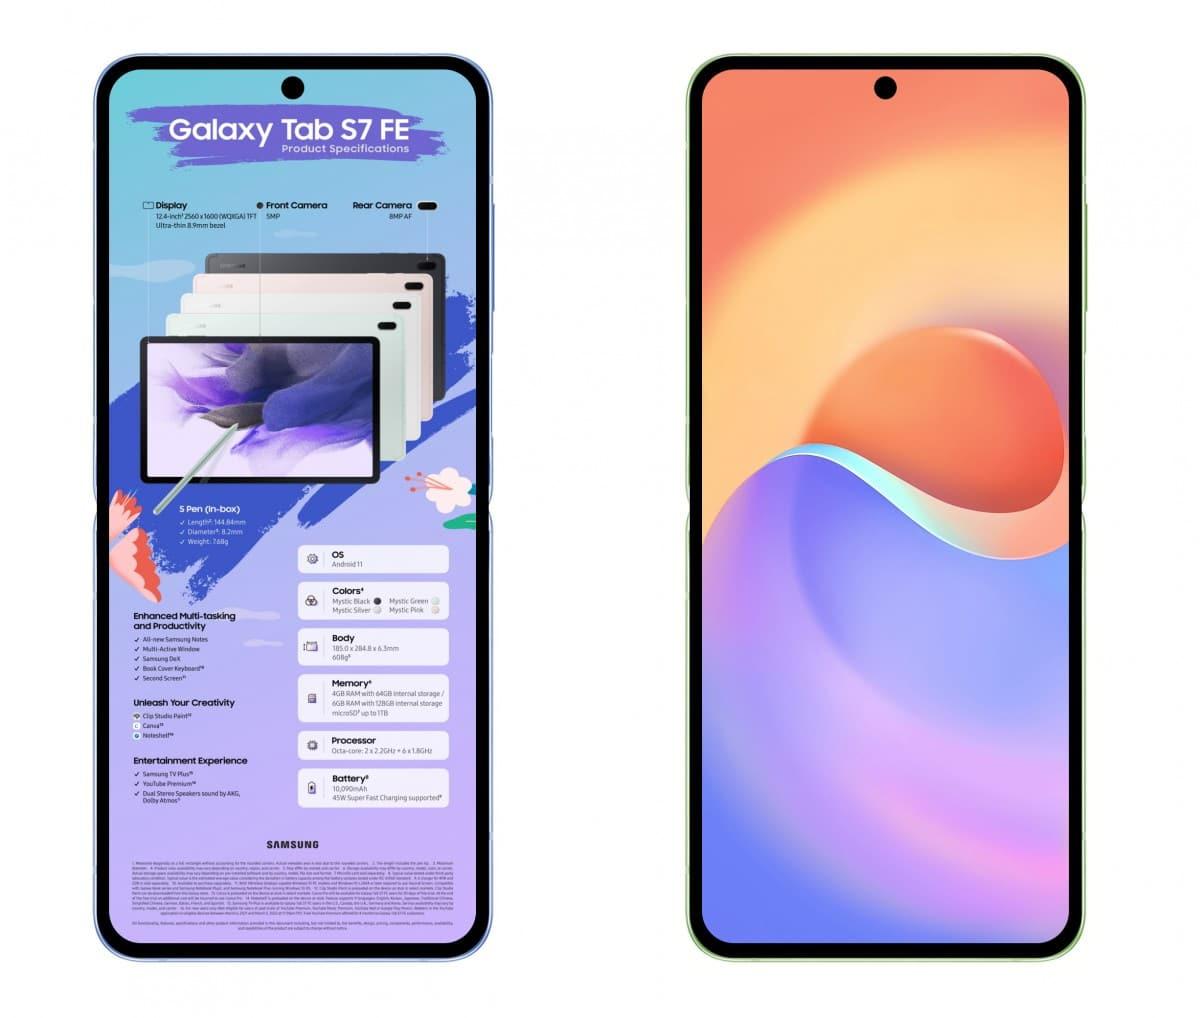 طراحی گوشی گلکسی زد فلیپ 3 با نسل قبلی خود چه تفاوتی دارد؟